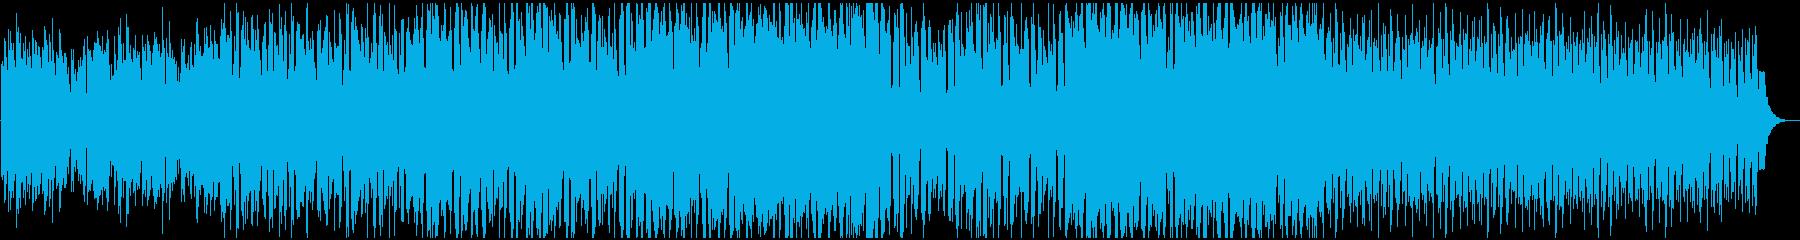 ワークアウト 王道ハウス サックスの再生済みの波形